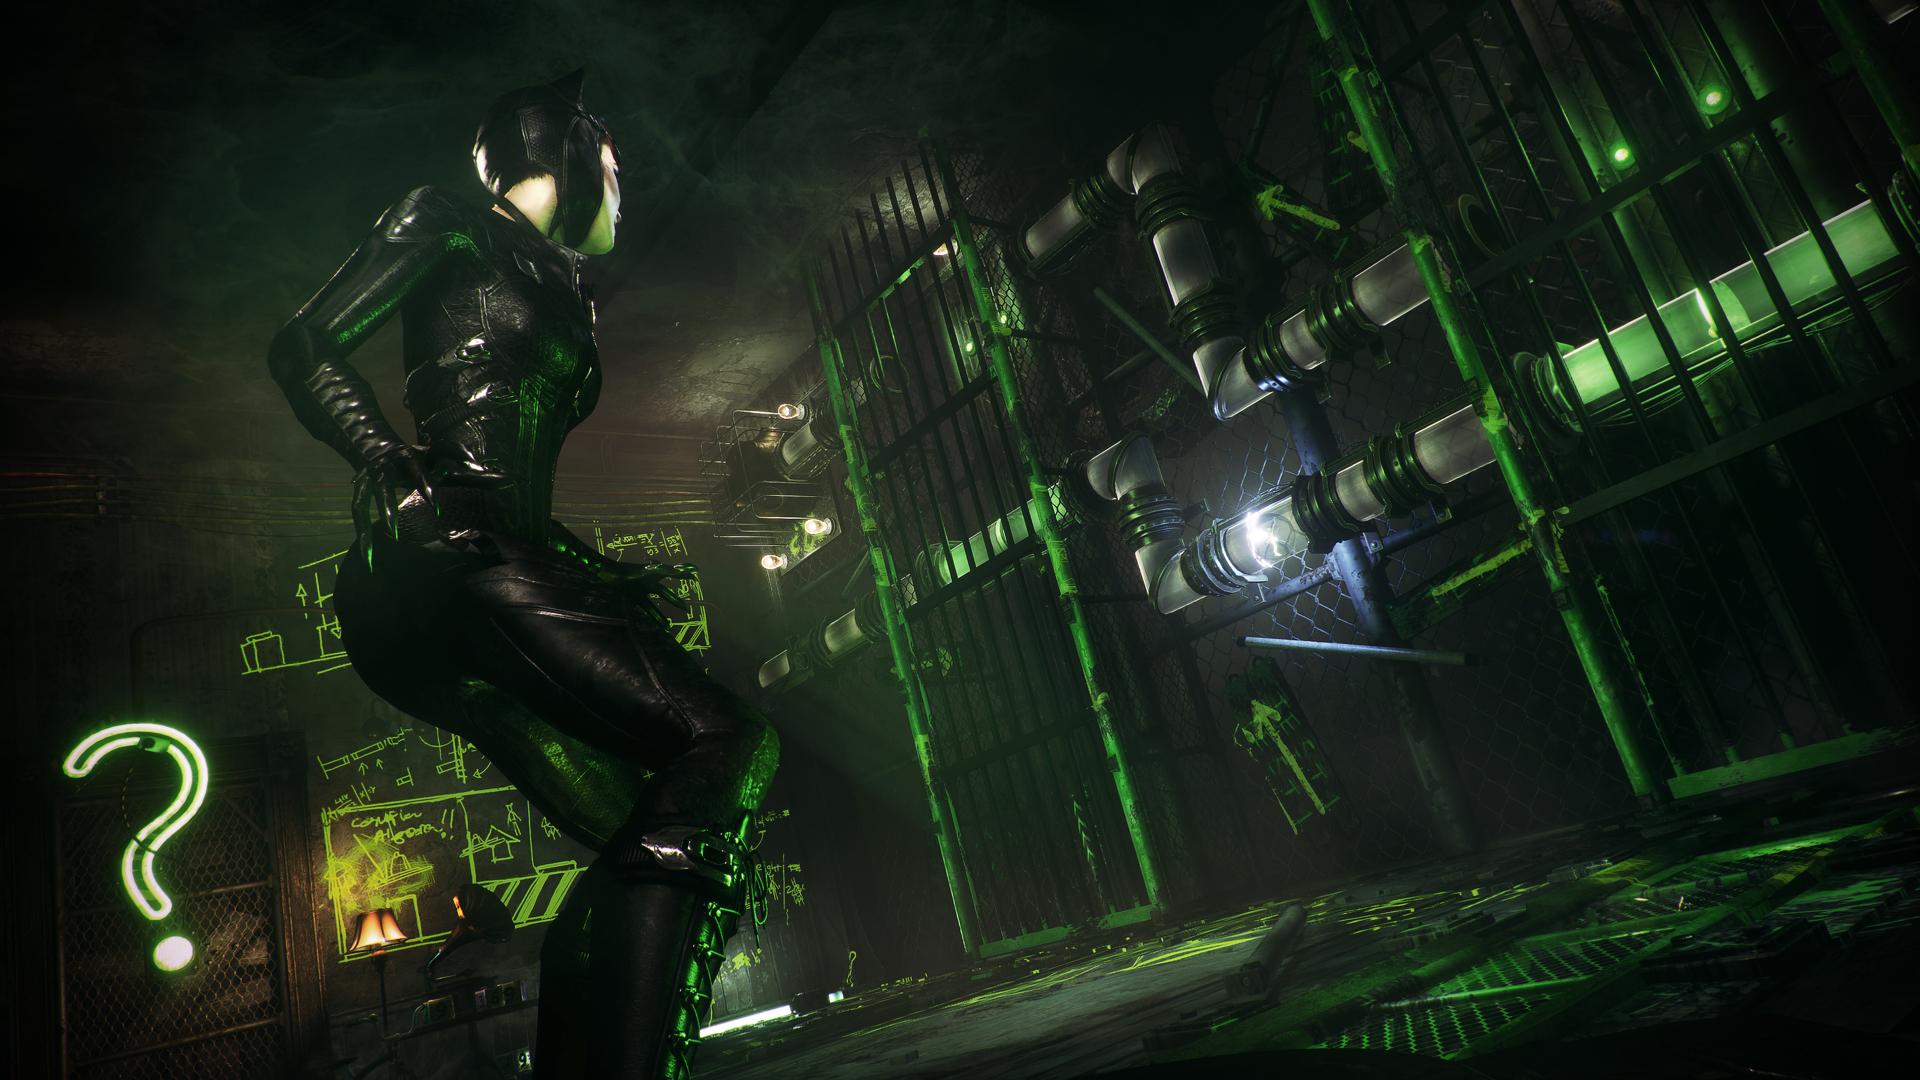 Výzvy s Batmobilem a další ukázky z nového Batmana 110678